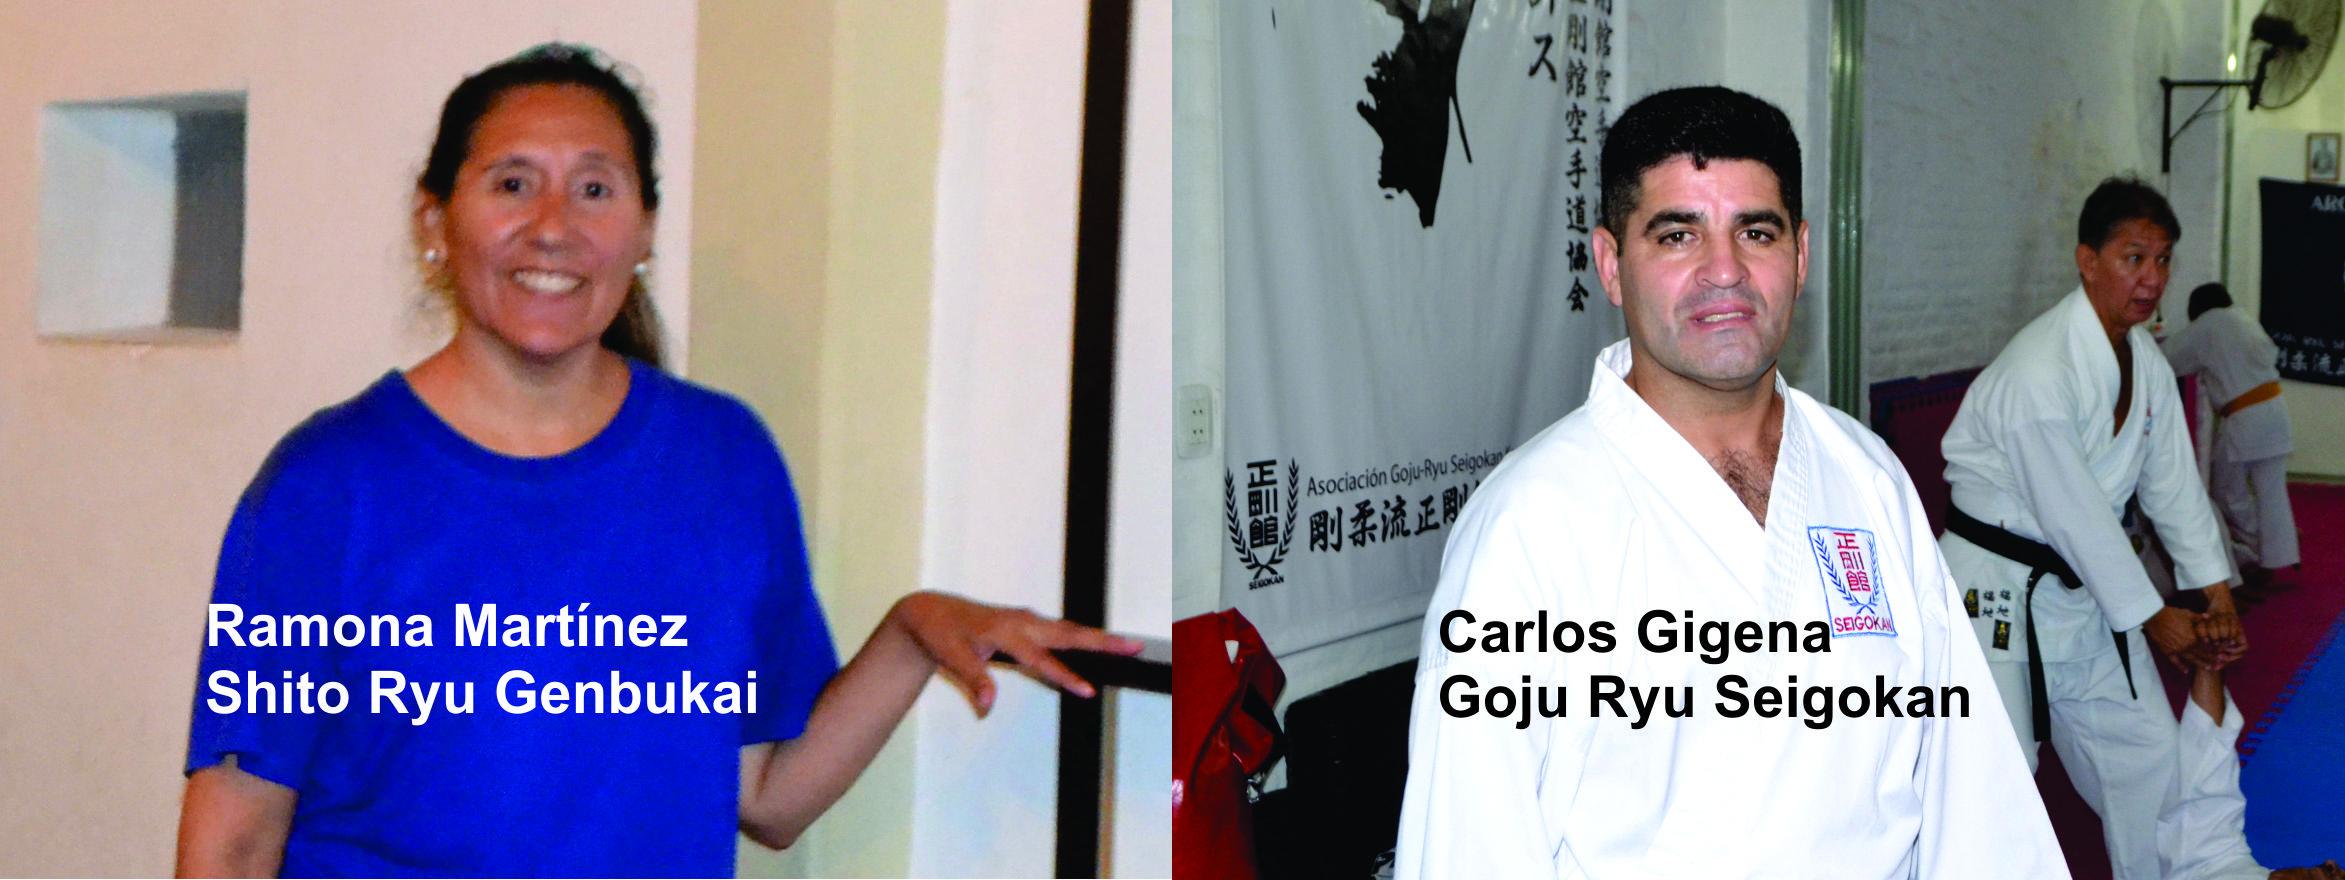 ENTRENADORES: Carlos Gigena y Ramona Martínez, las dos caras de la moneda de un arte marcial milenario